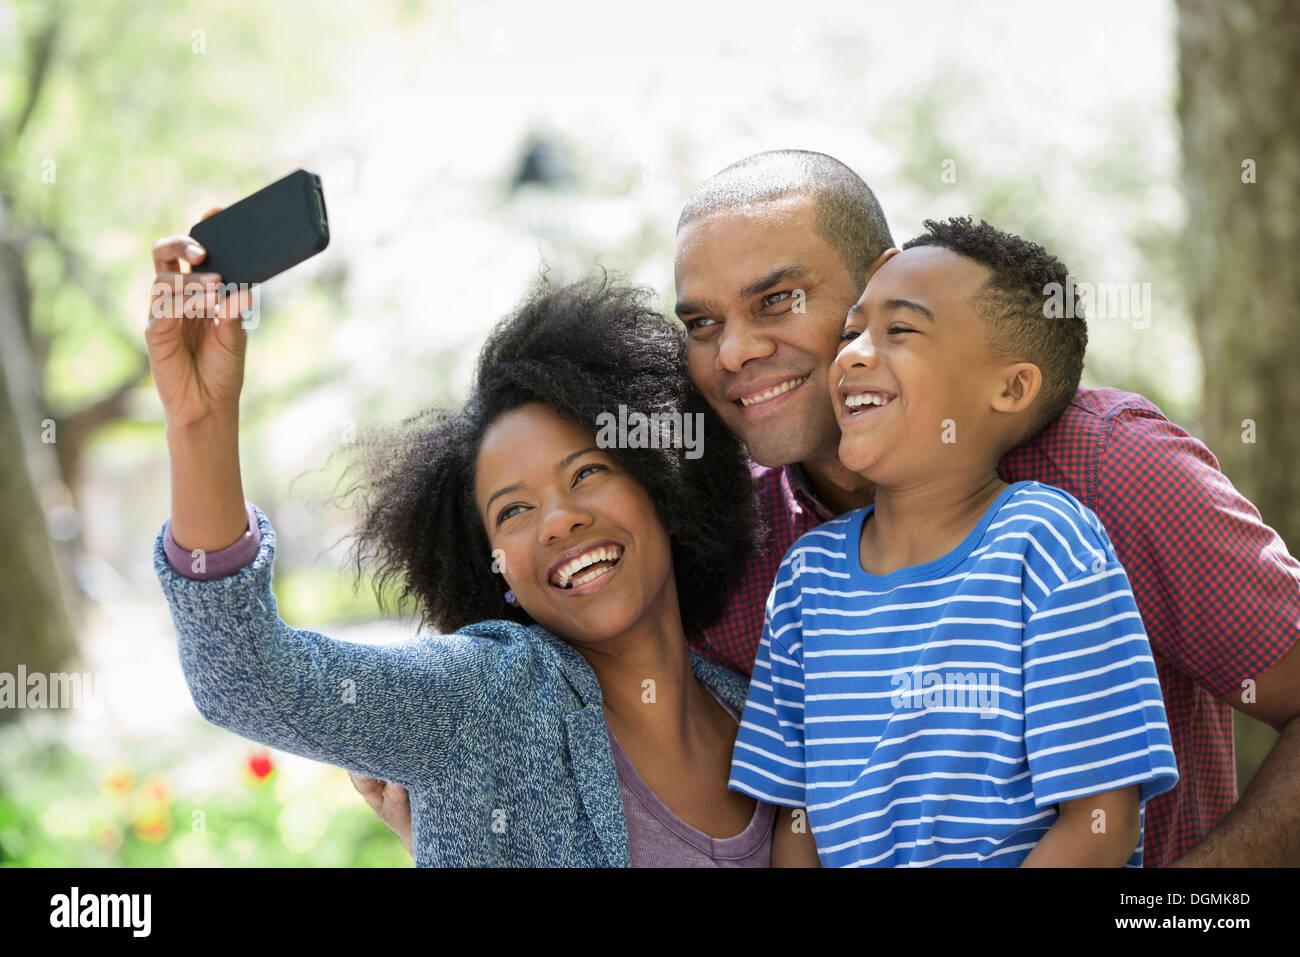 Deux adultes et un jeune garçon à prendre des photos avec un téléphone intelligent. Photo Stock